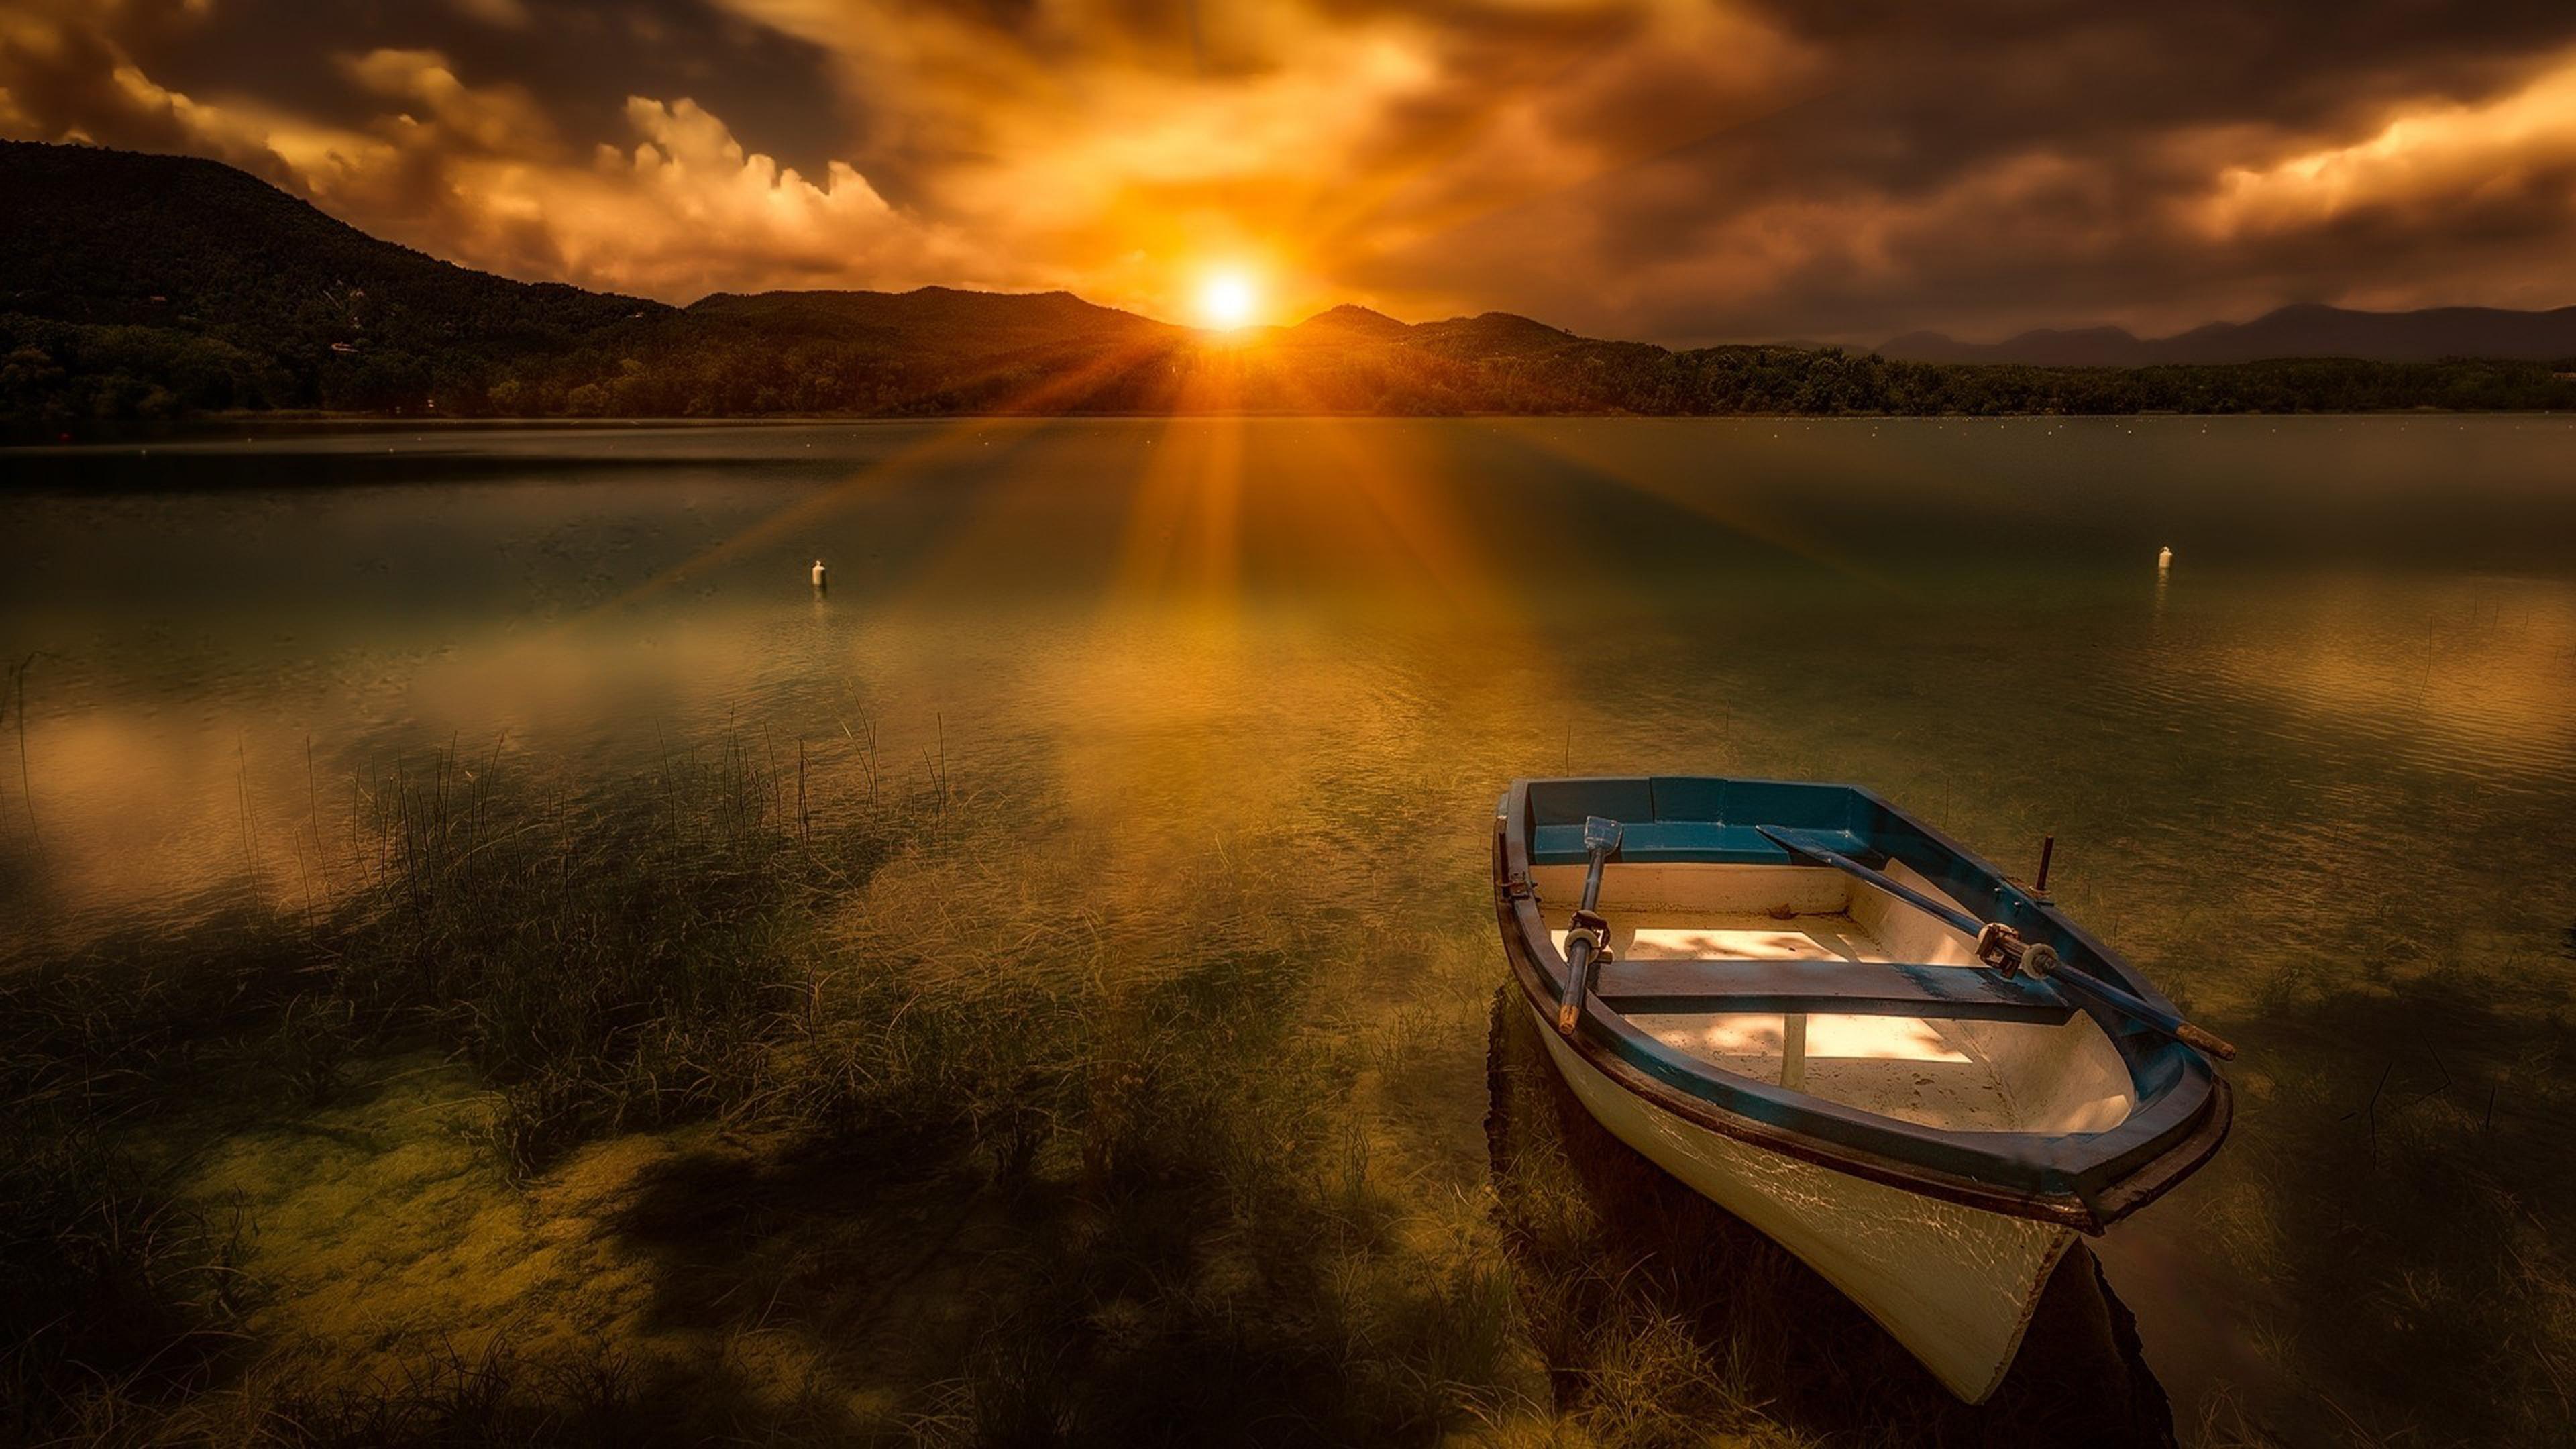 Fall Sunflower Desktop Wallpaper Morning Sunrise Sun Lake Boat Evaporation Fog Hd Wallpaper